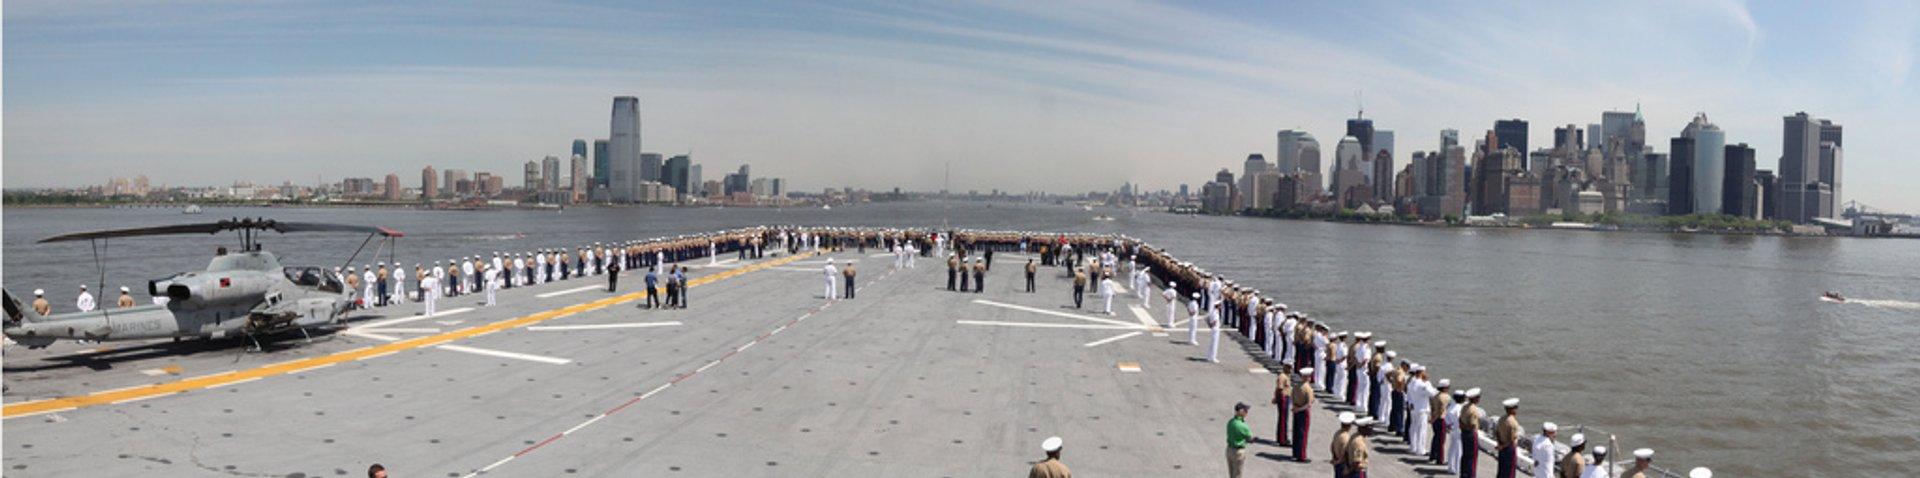 Marines have landed, Fleet Week New York begins 2020